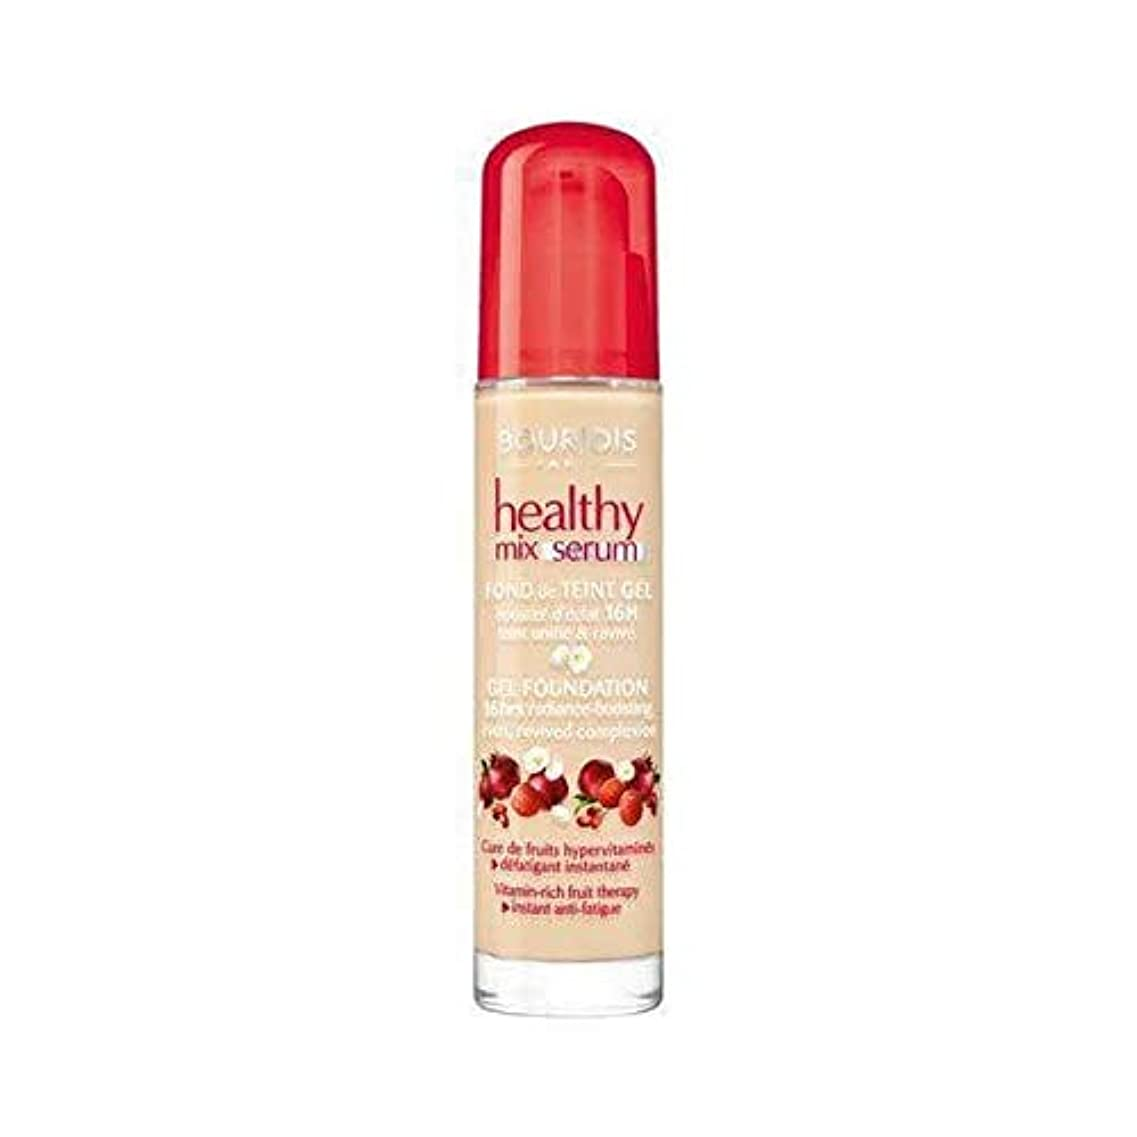 祭り寝てるギャザー[Bourjois ] ブルジョワヘルシーミックス血清基盤ヴァニラ52 - Bourjois Healthy Mix Serum Foundation Vanille 52 [並行輸入品]